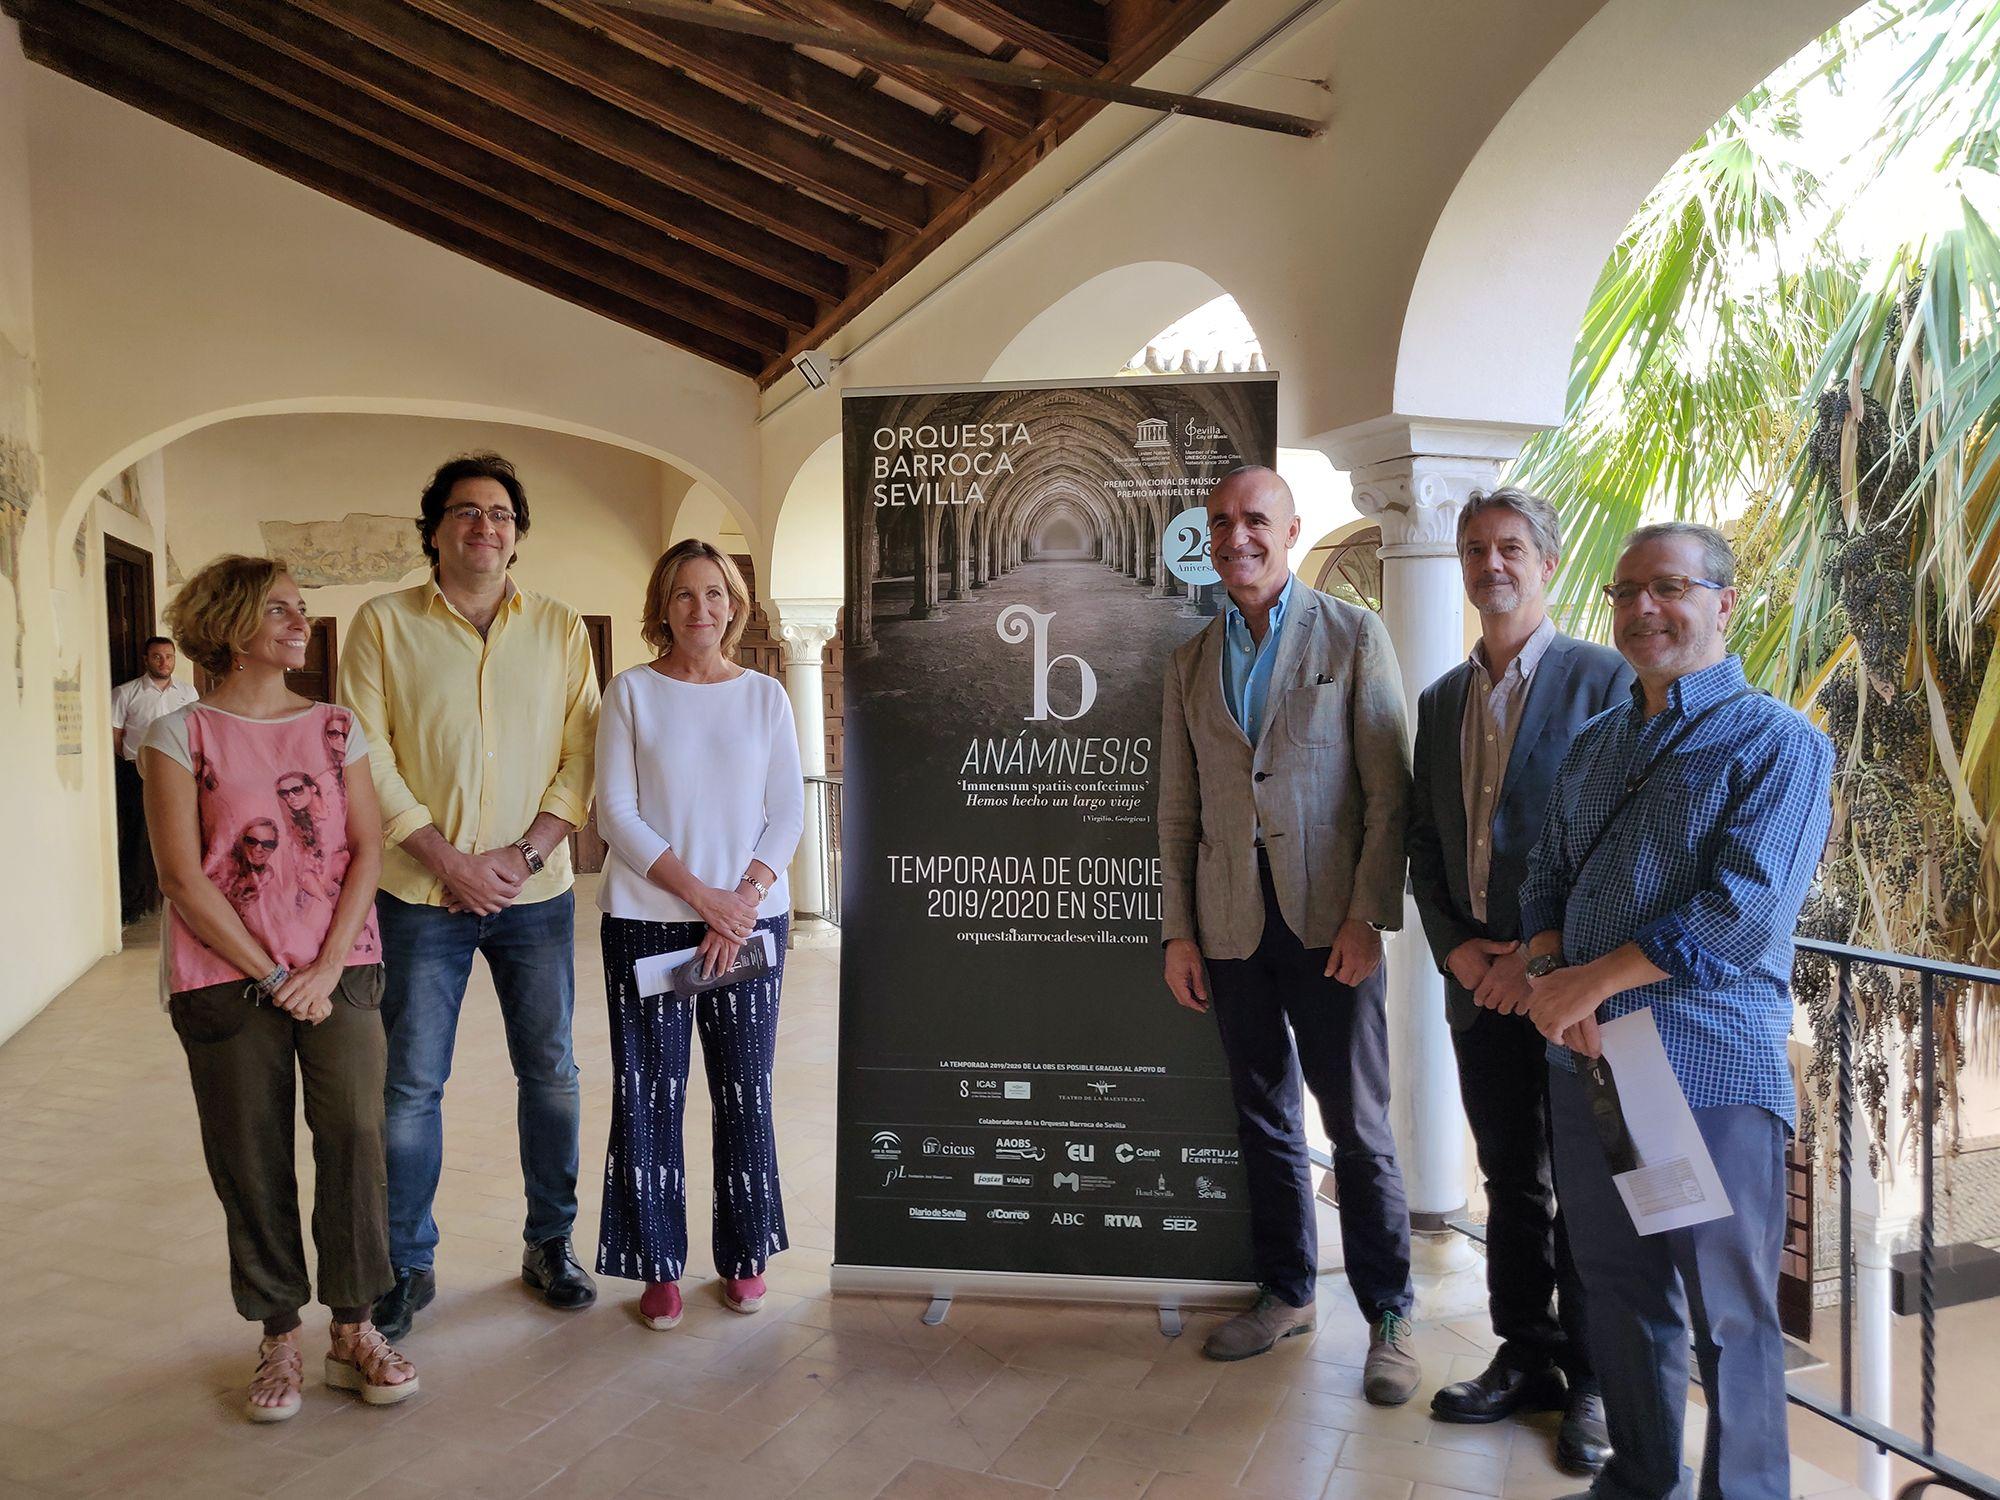 La Orquesta Barroca de Sevilla celebra esta temporada el 25 aniversario de su fundación